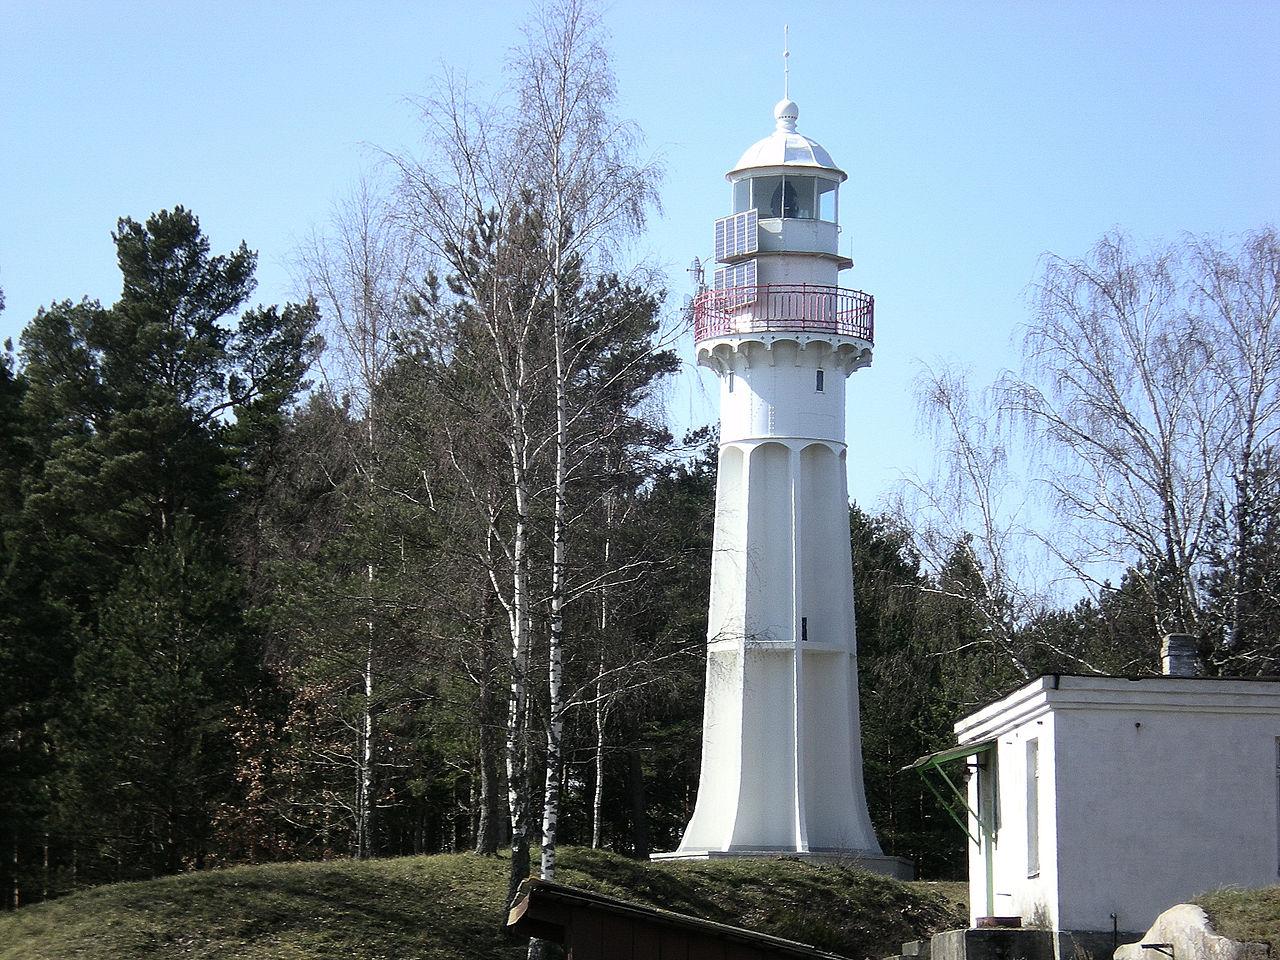 Mērsrags Lighthouse